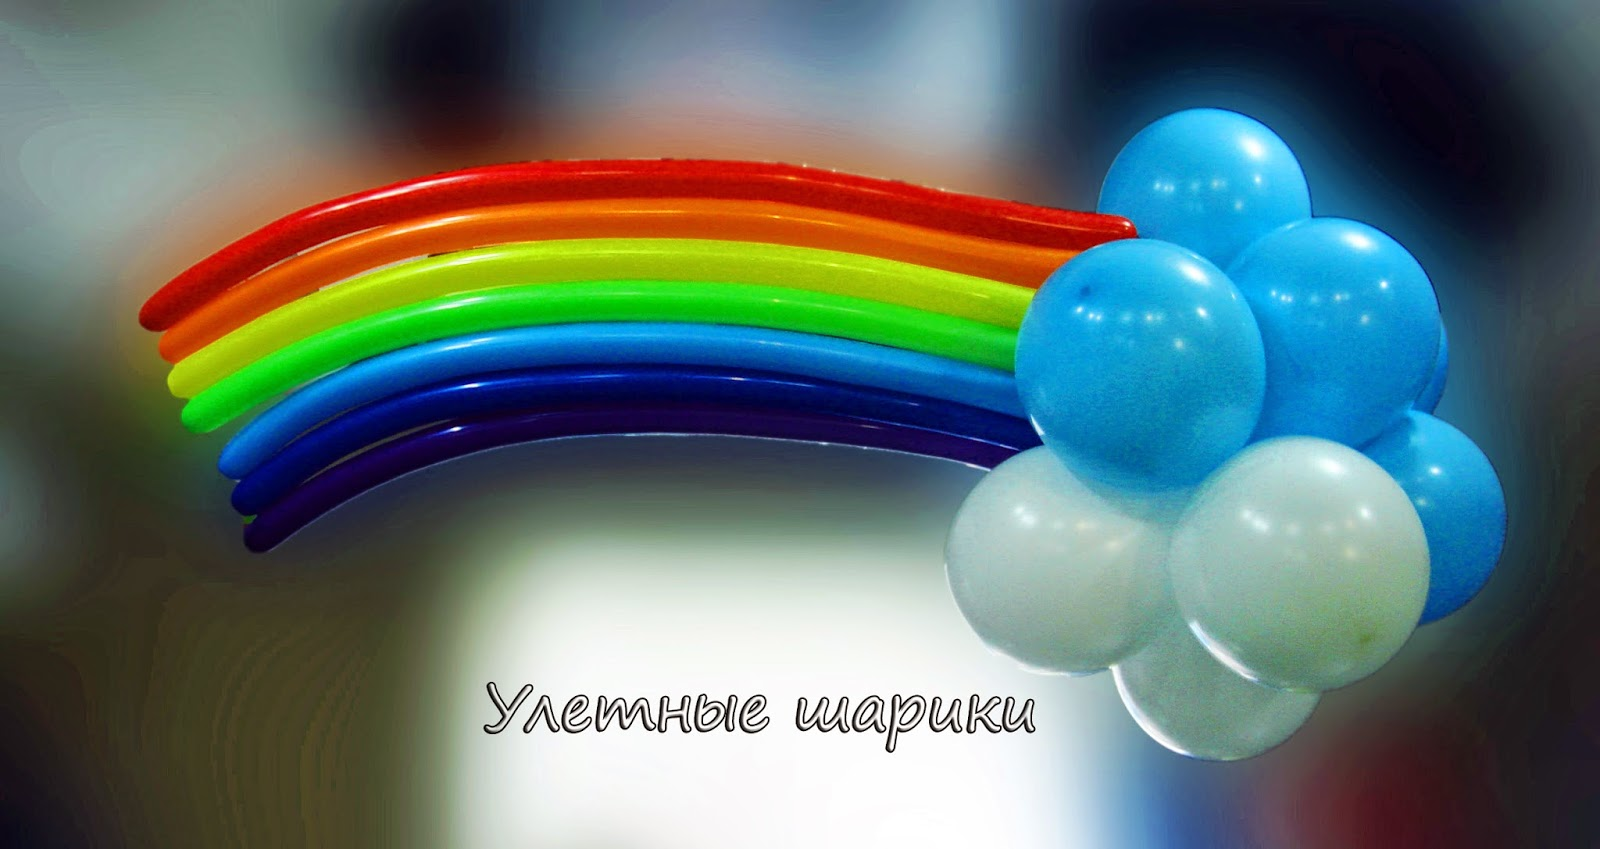 Тучка с радугой из воздушных шариков